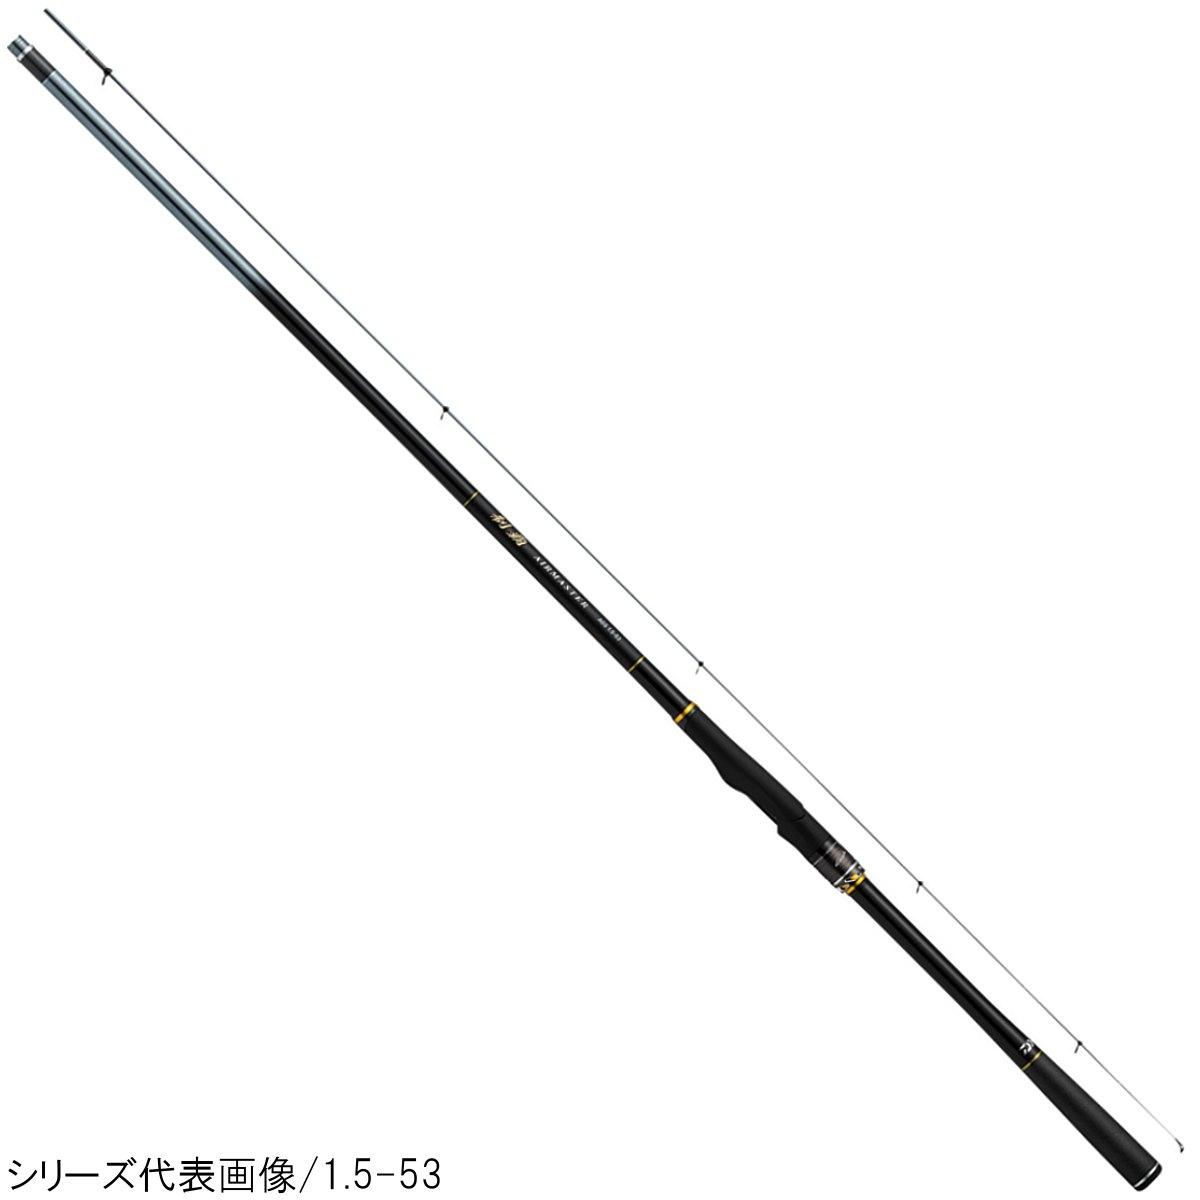 制覇エアマスター AGS 1.25-50 ダイワ【同梱不可】